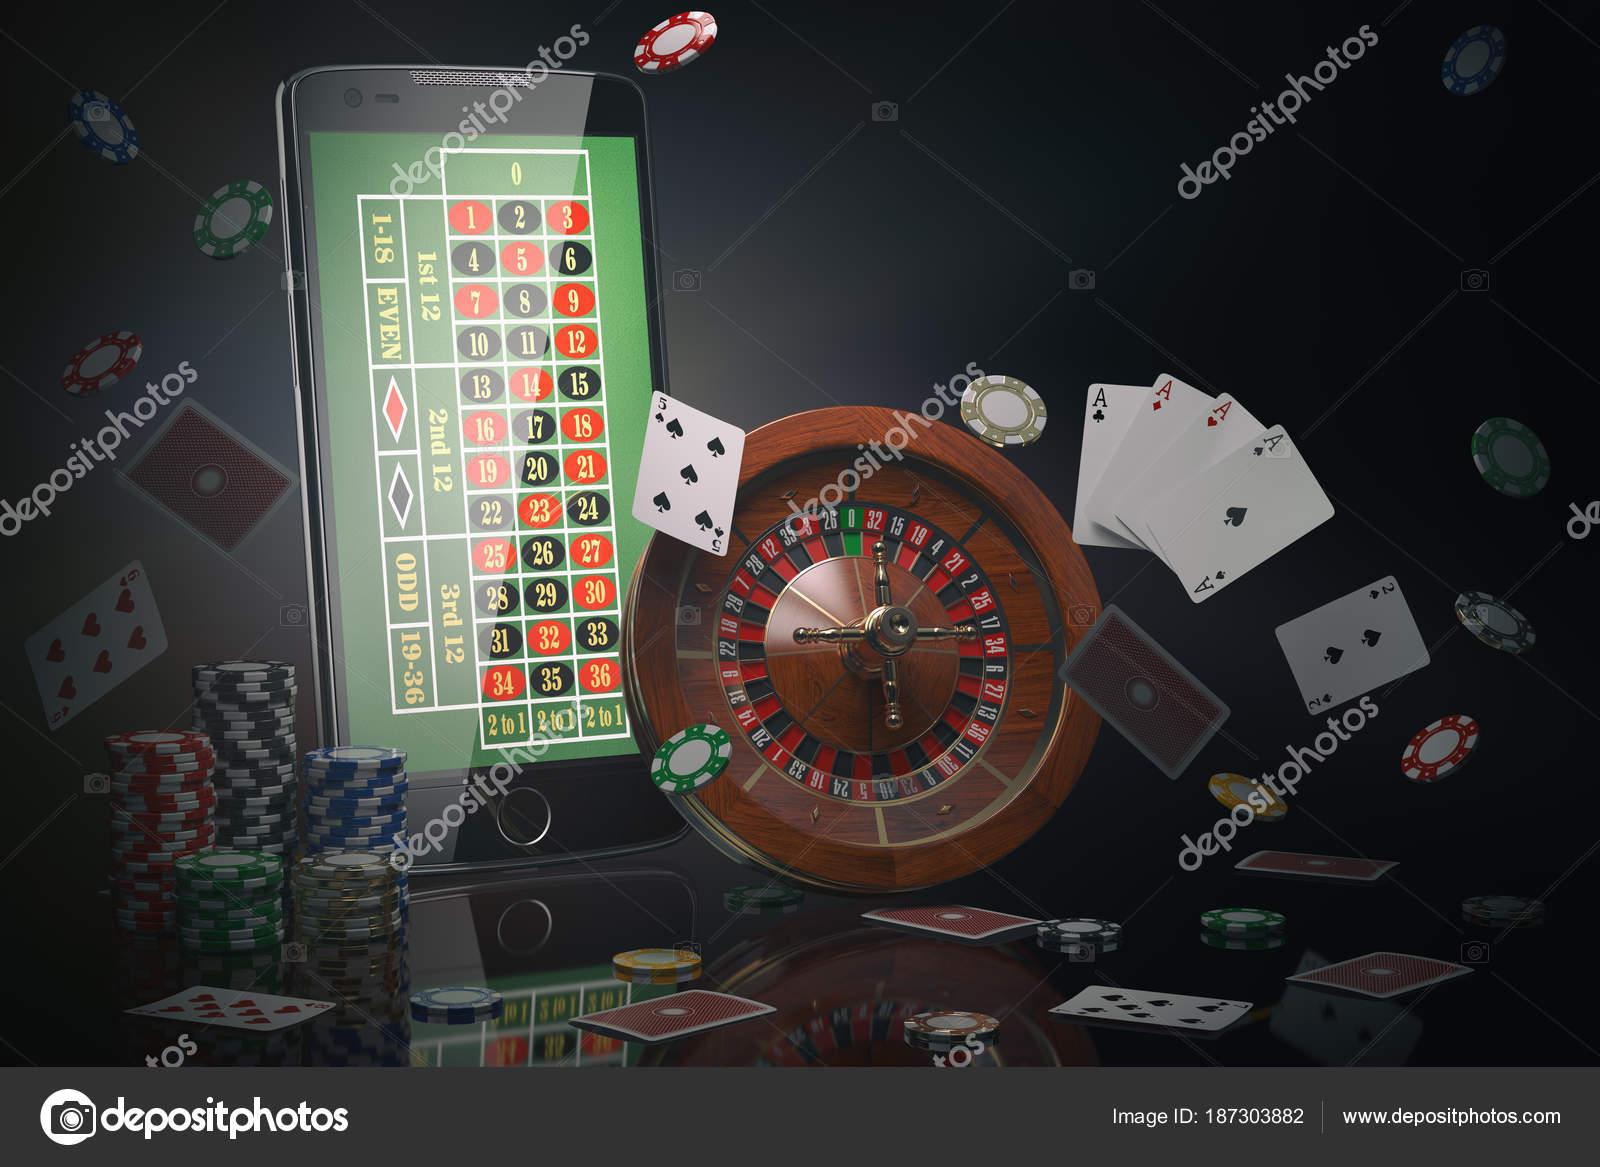 Онлайн казино Вулкан и все его автоматы